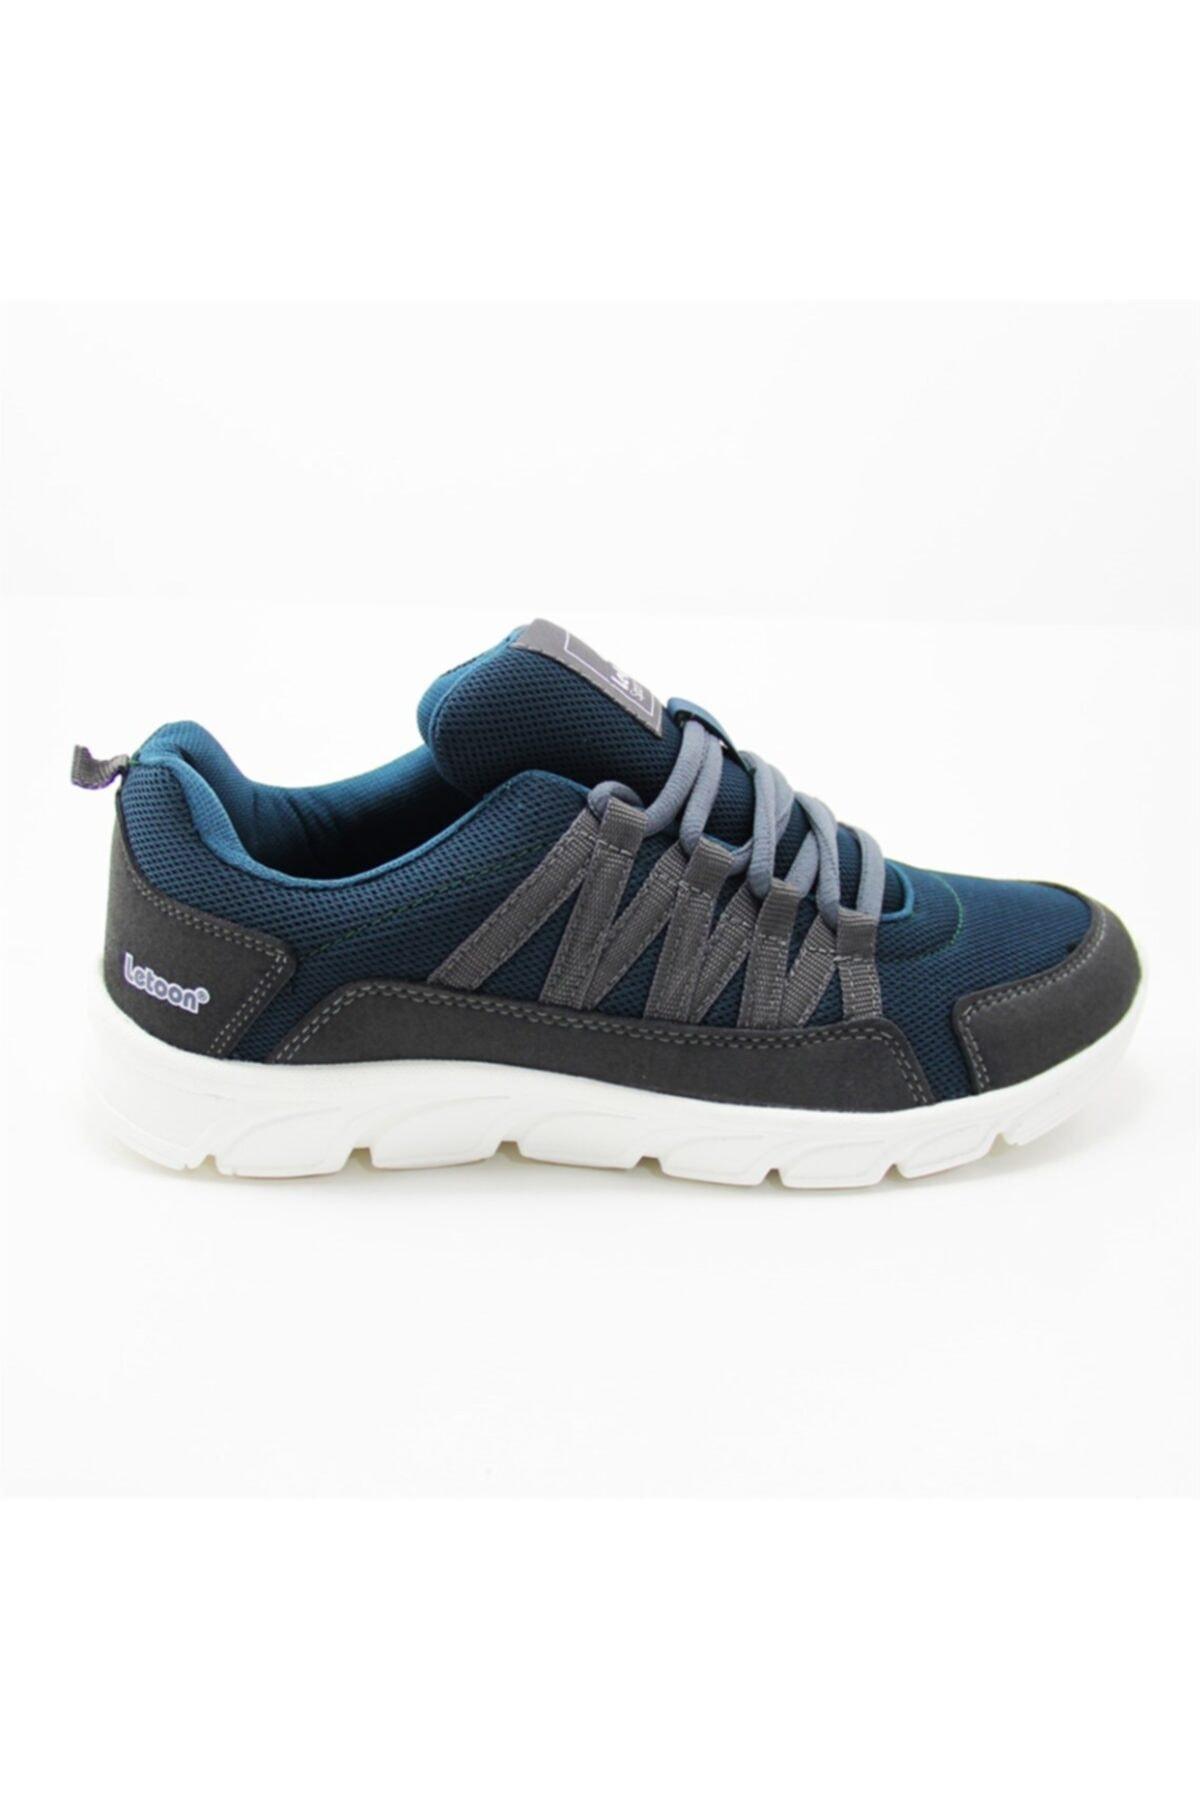 LETOON 6056 Erkek Koşu-yürüyüş Ayakkabısı 1